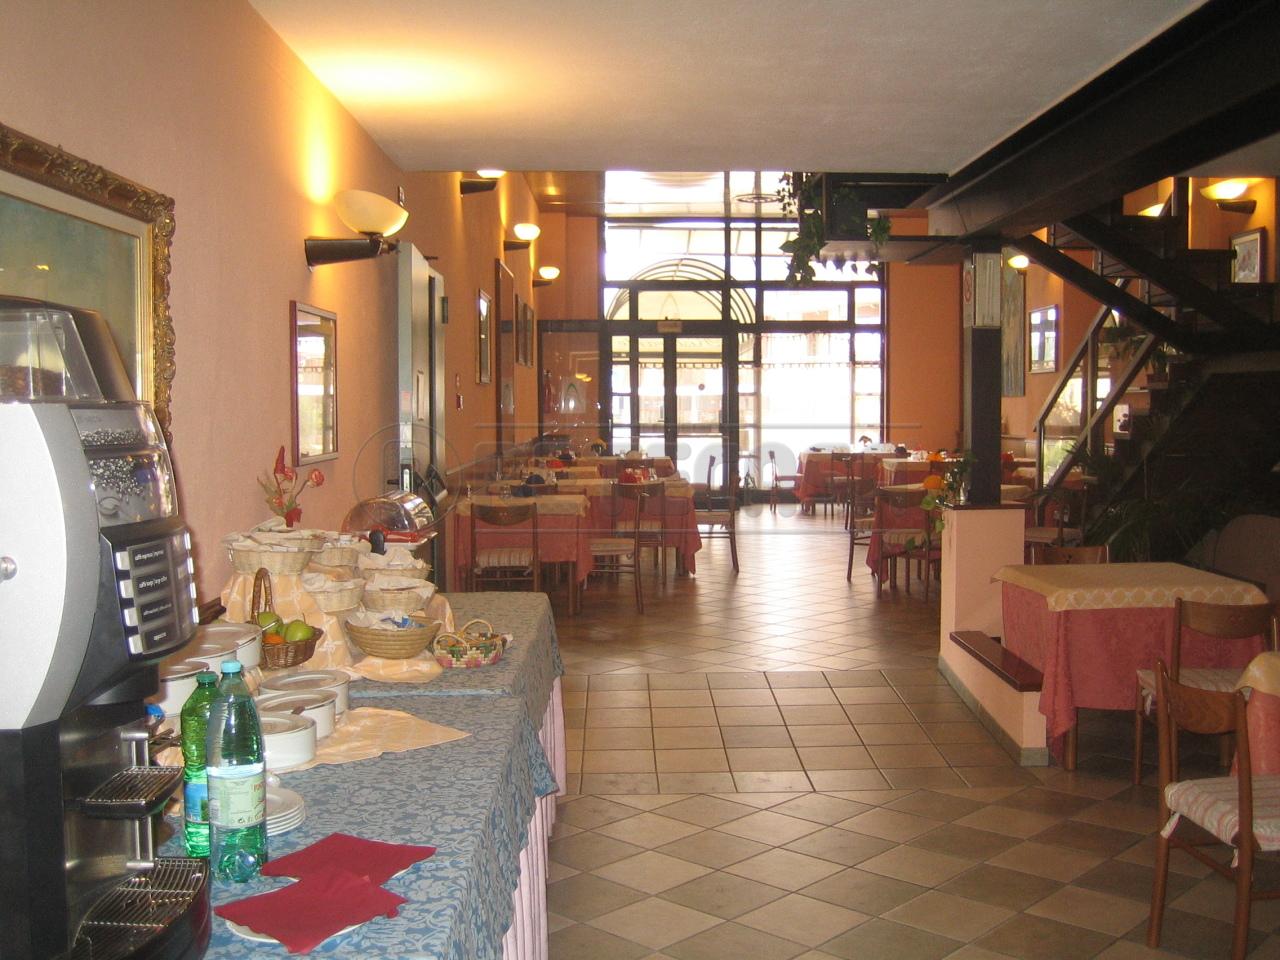 Attività commerciale - Albergo a Mondovì Rif. 6472588